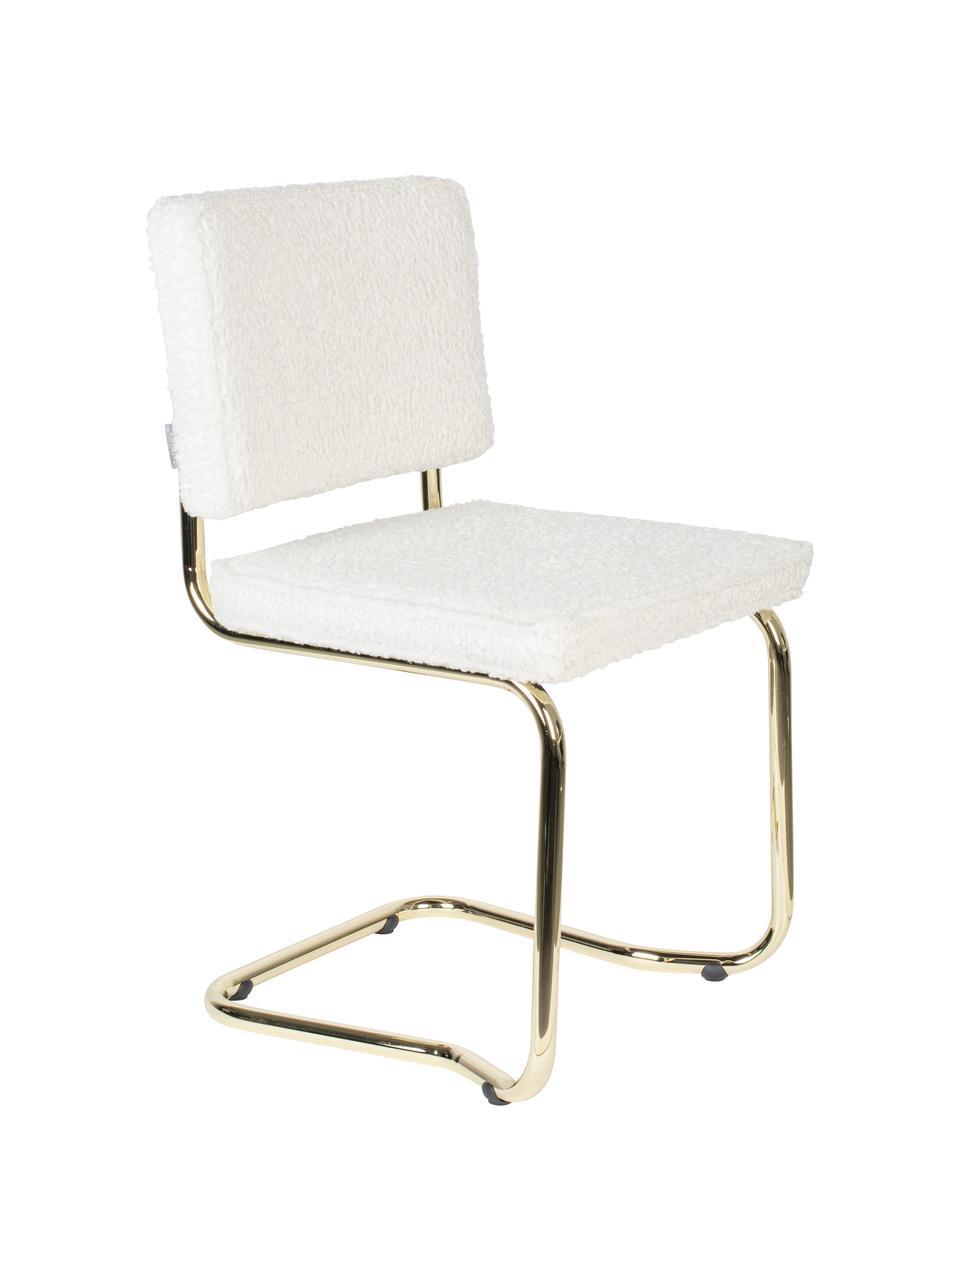 Sedia cantilever in teddy Kink, Struttura: metallo rivestito, Bianco, ottonato, Larg. 48 x Prof. 48 cm